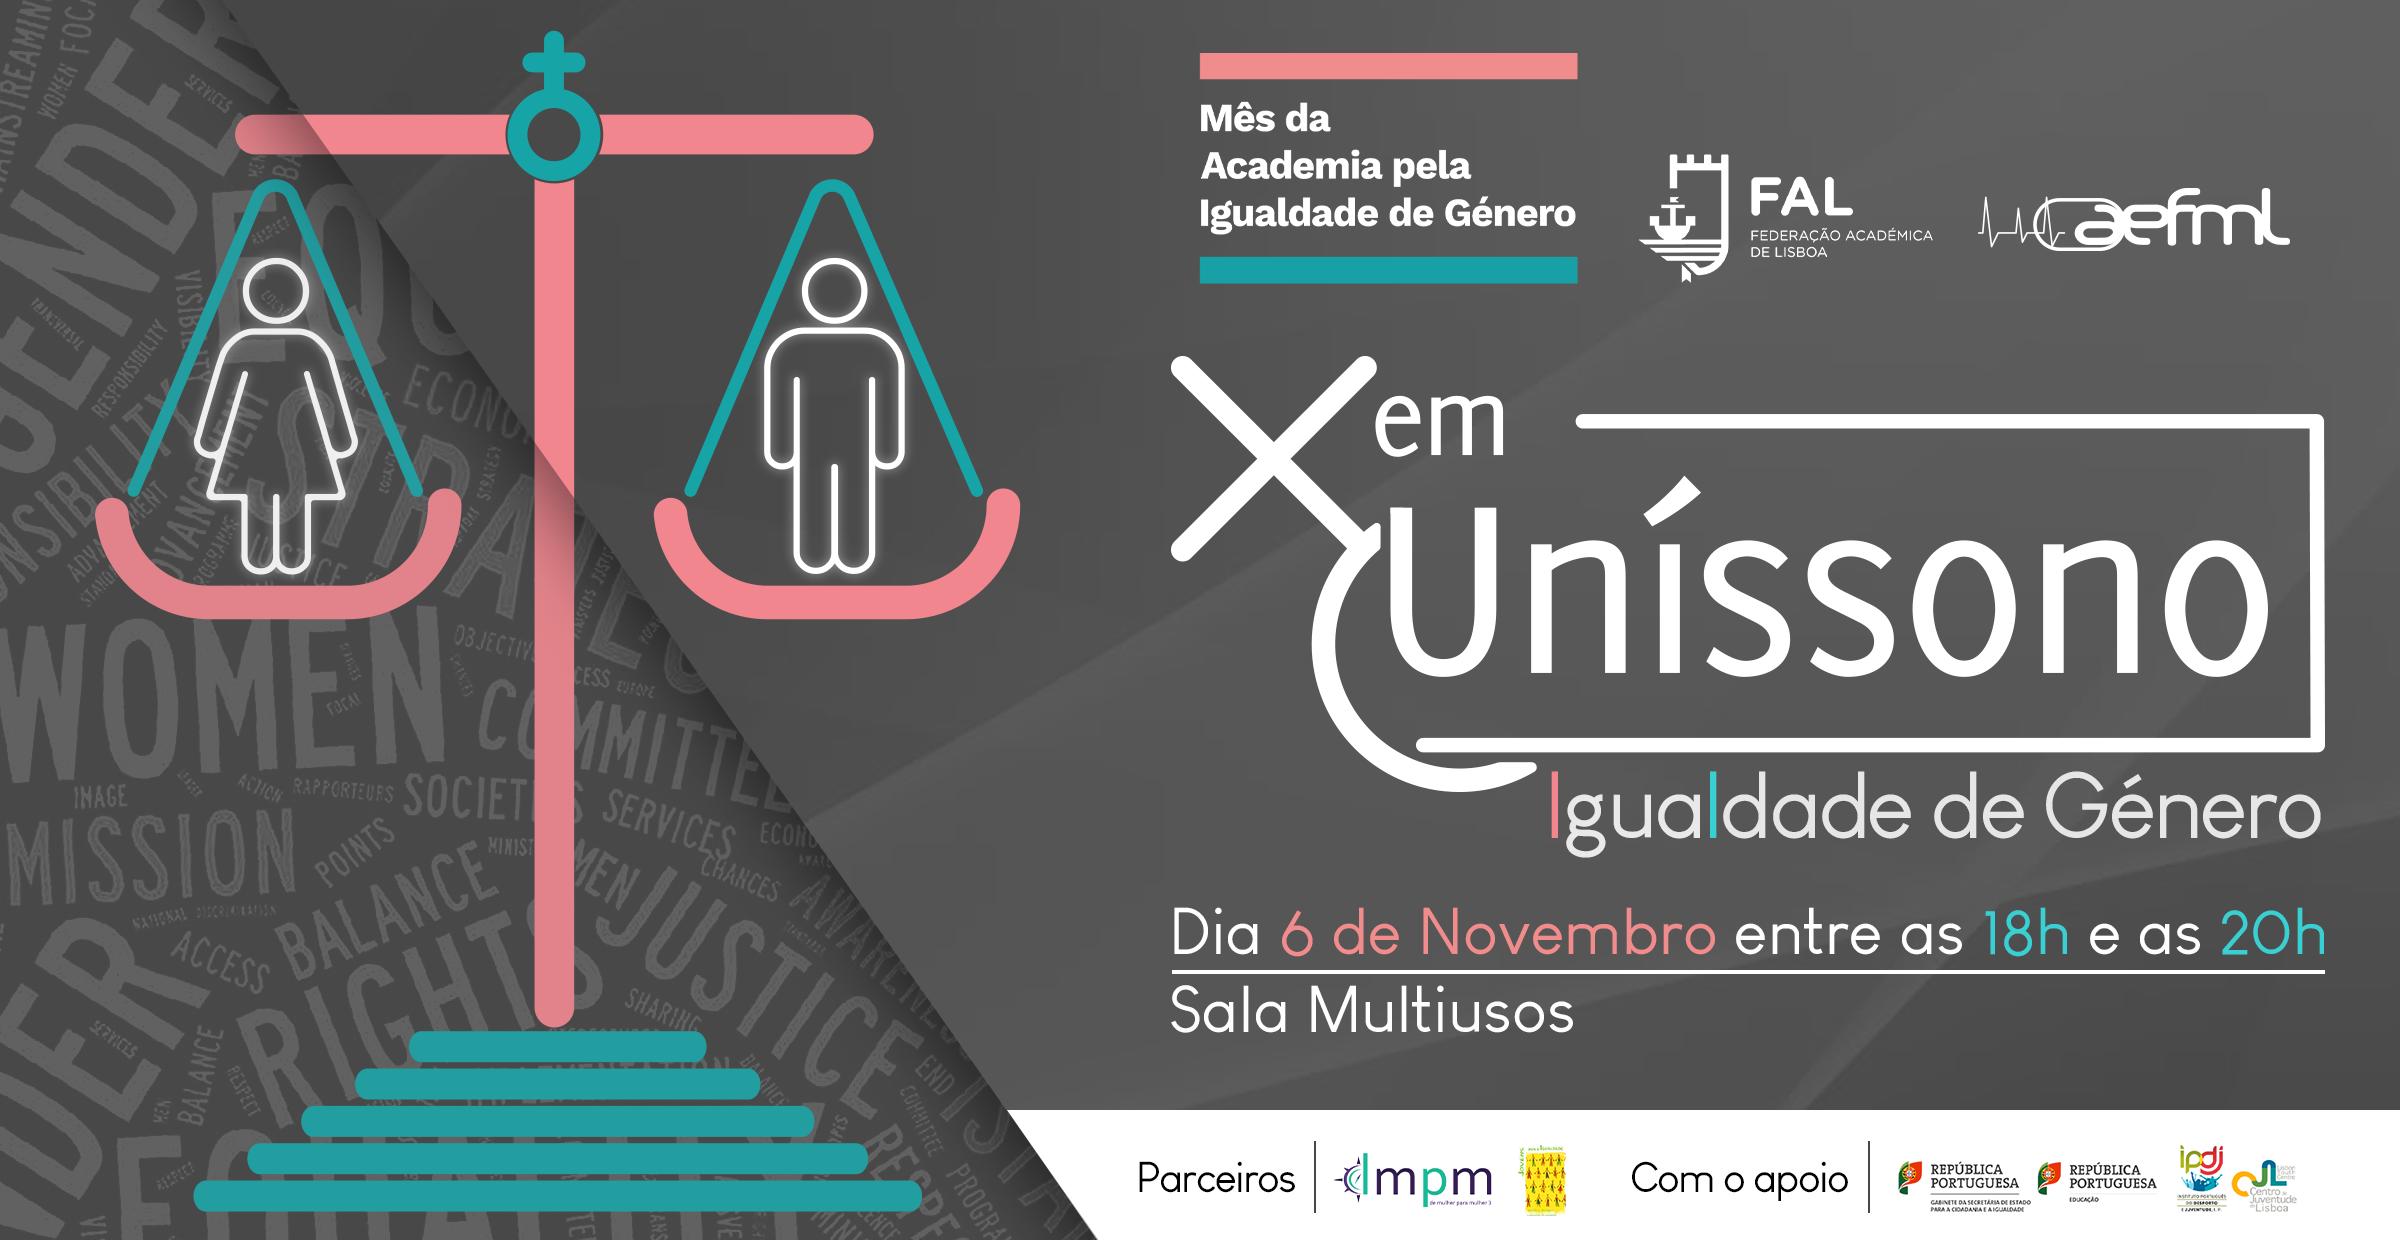 Mês_da_Academia_pela_Igualdade_de_Género - Unissono.png